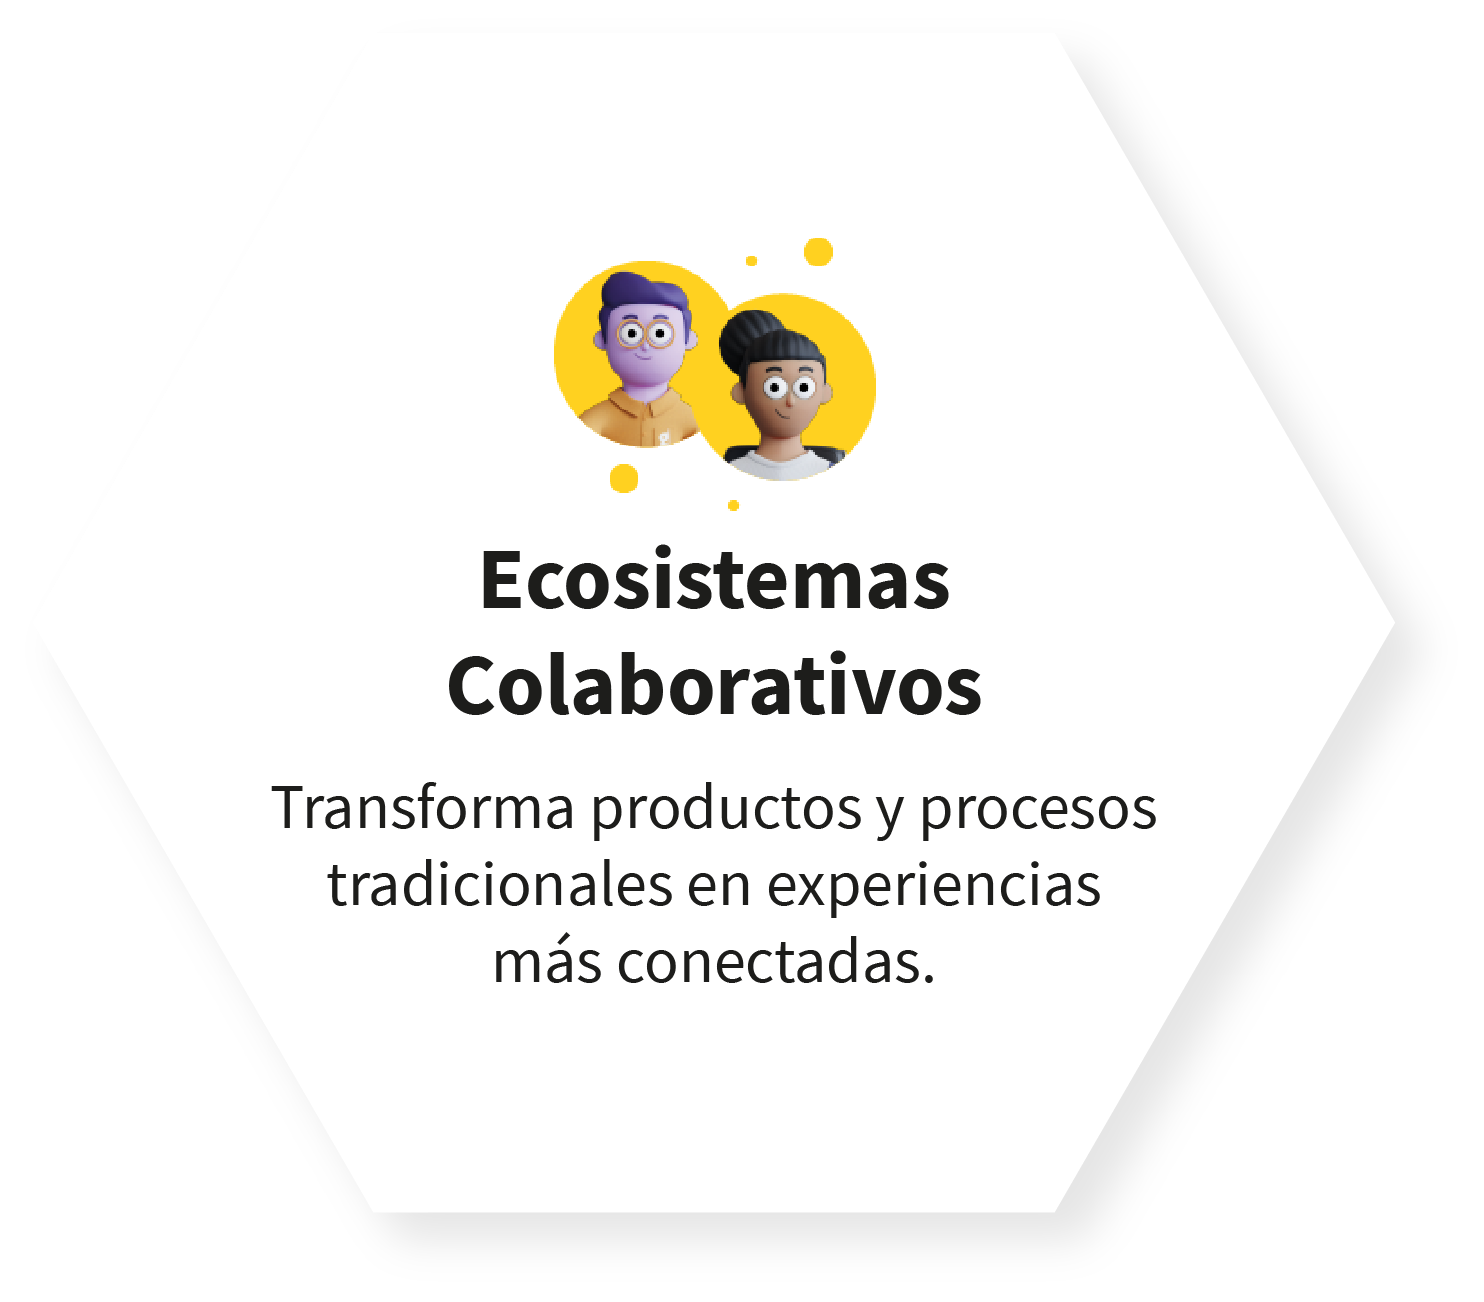 Ecosistemas Colaborativos